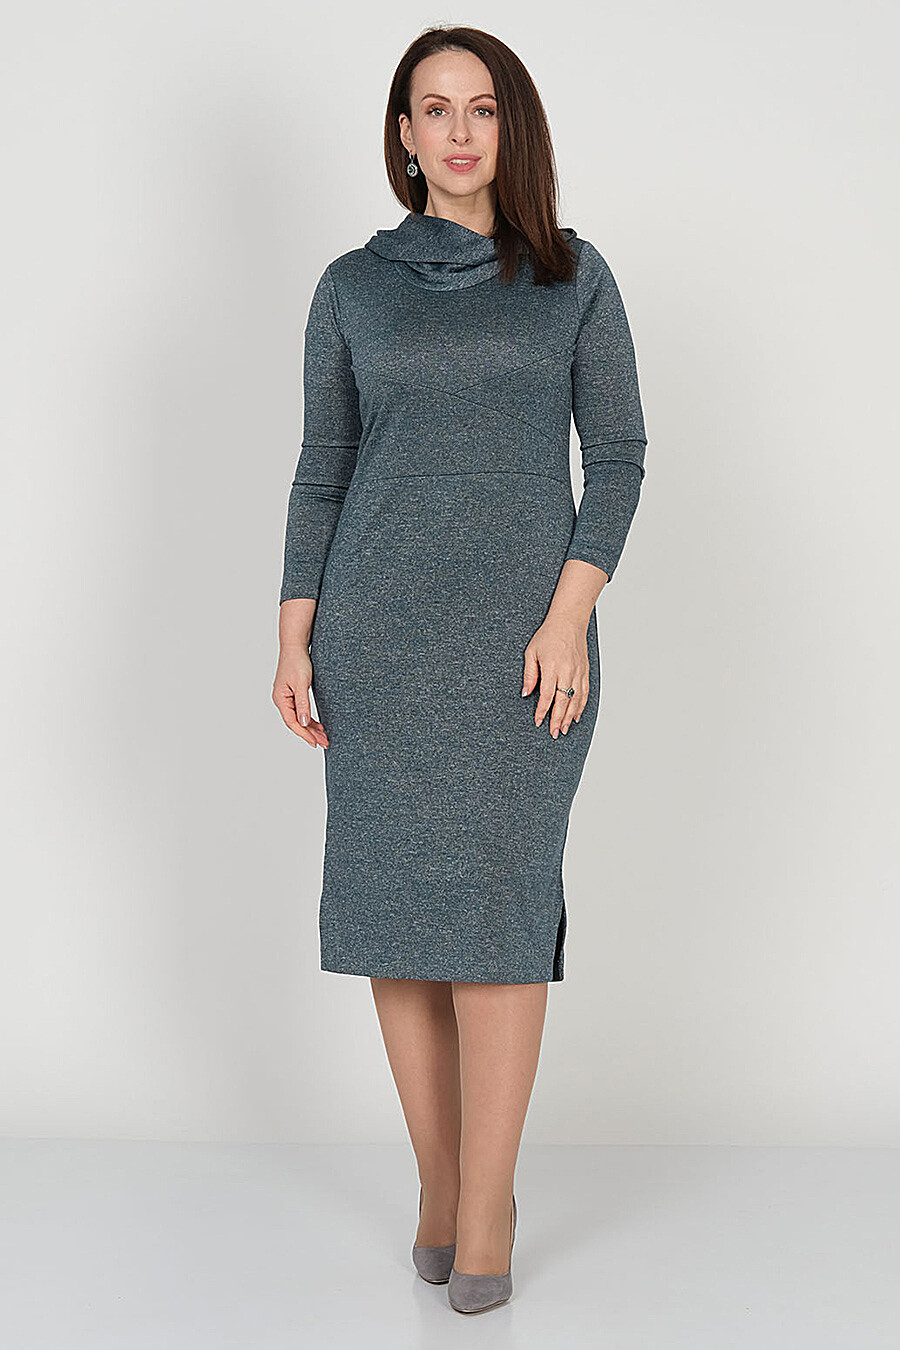 Платье для женщин AMARTI 169500 купить оптом от производителя. Совместная покупка женской одежды в OptMoyo